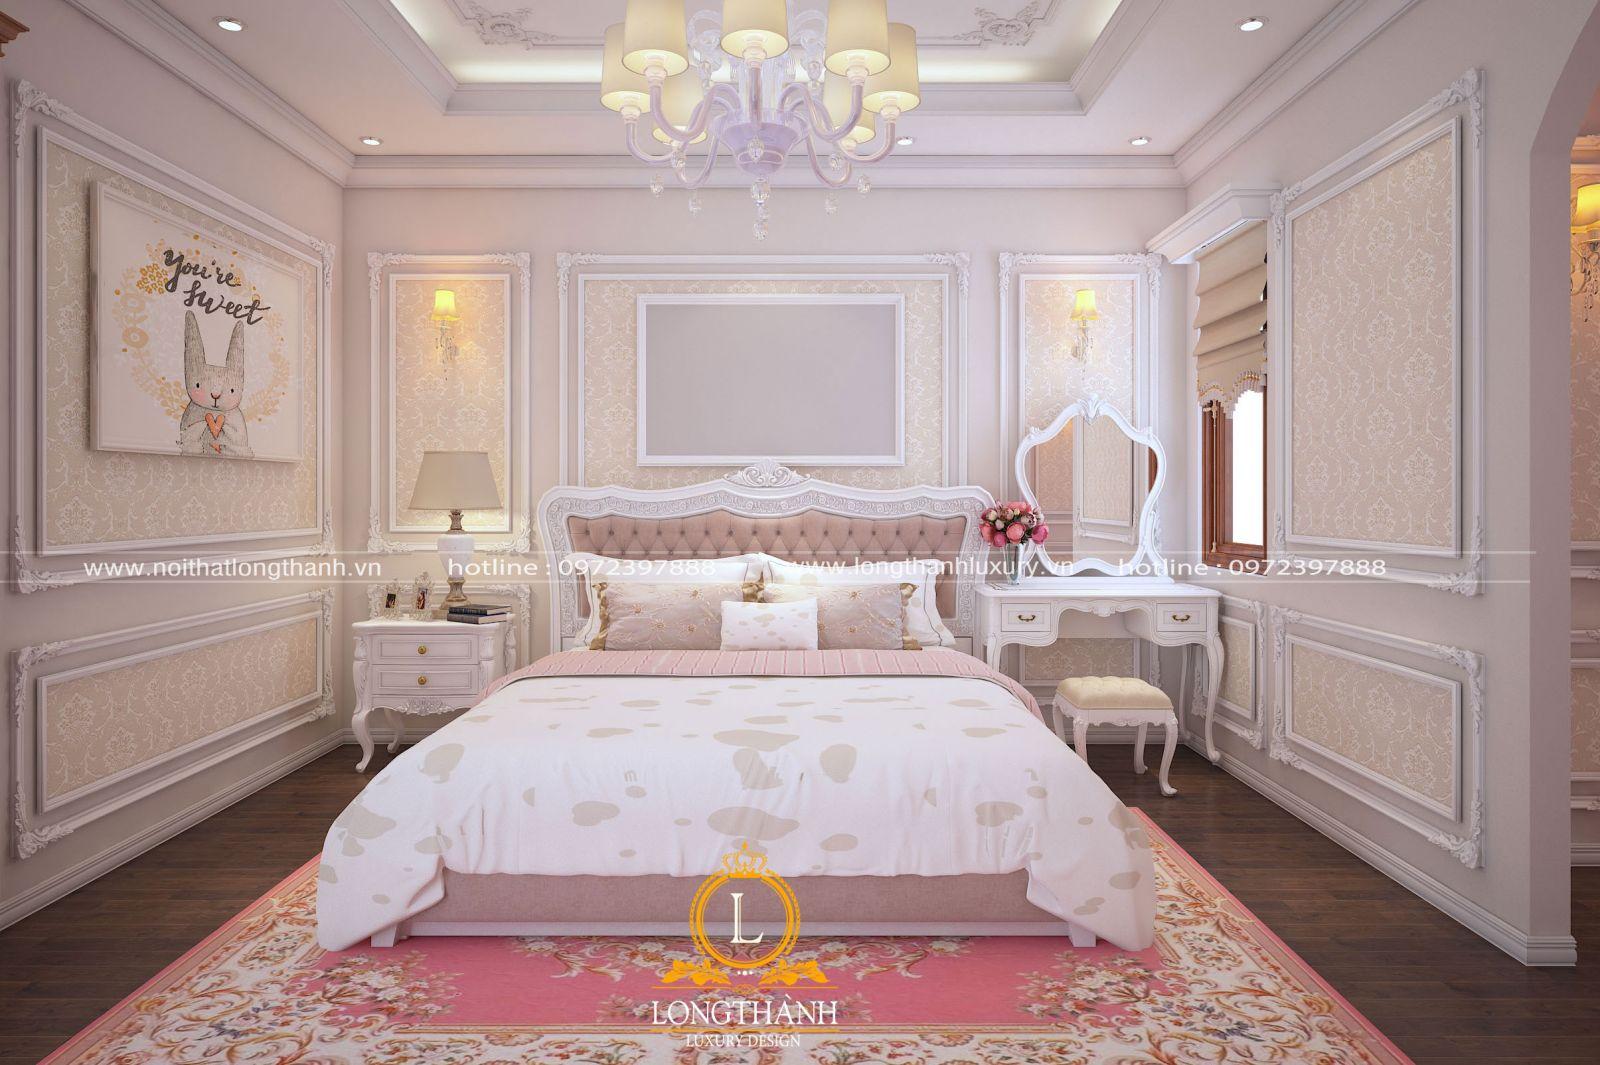 Phòng ngủ cho bé gái đáng yêu